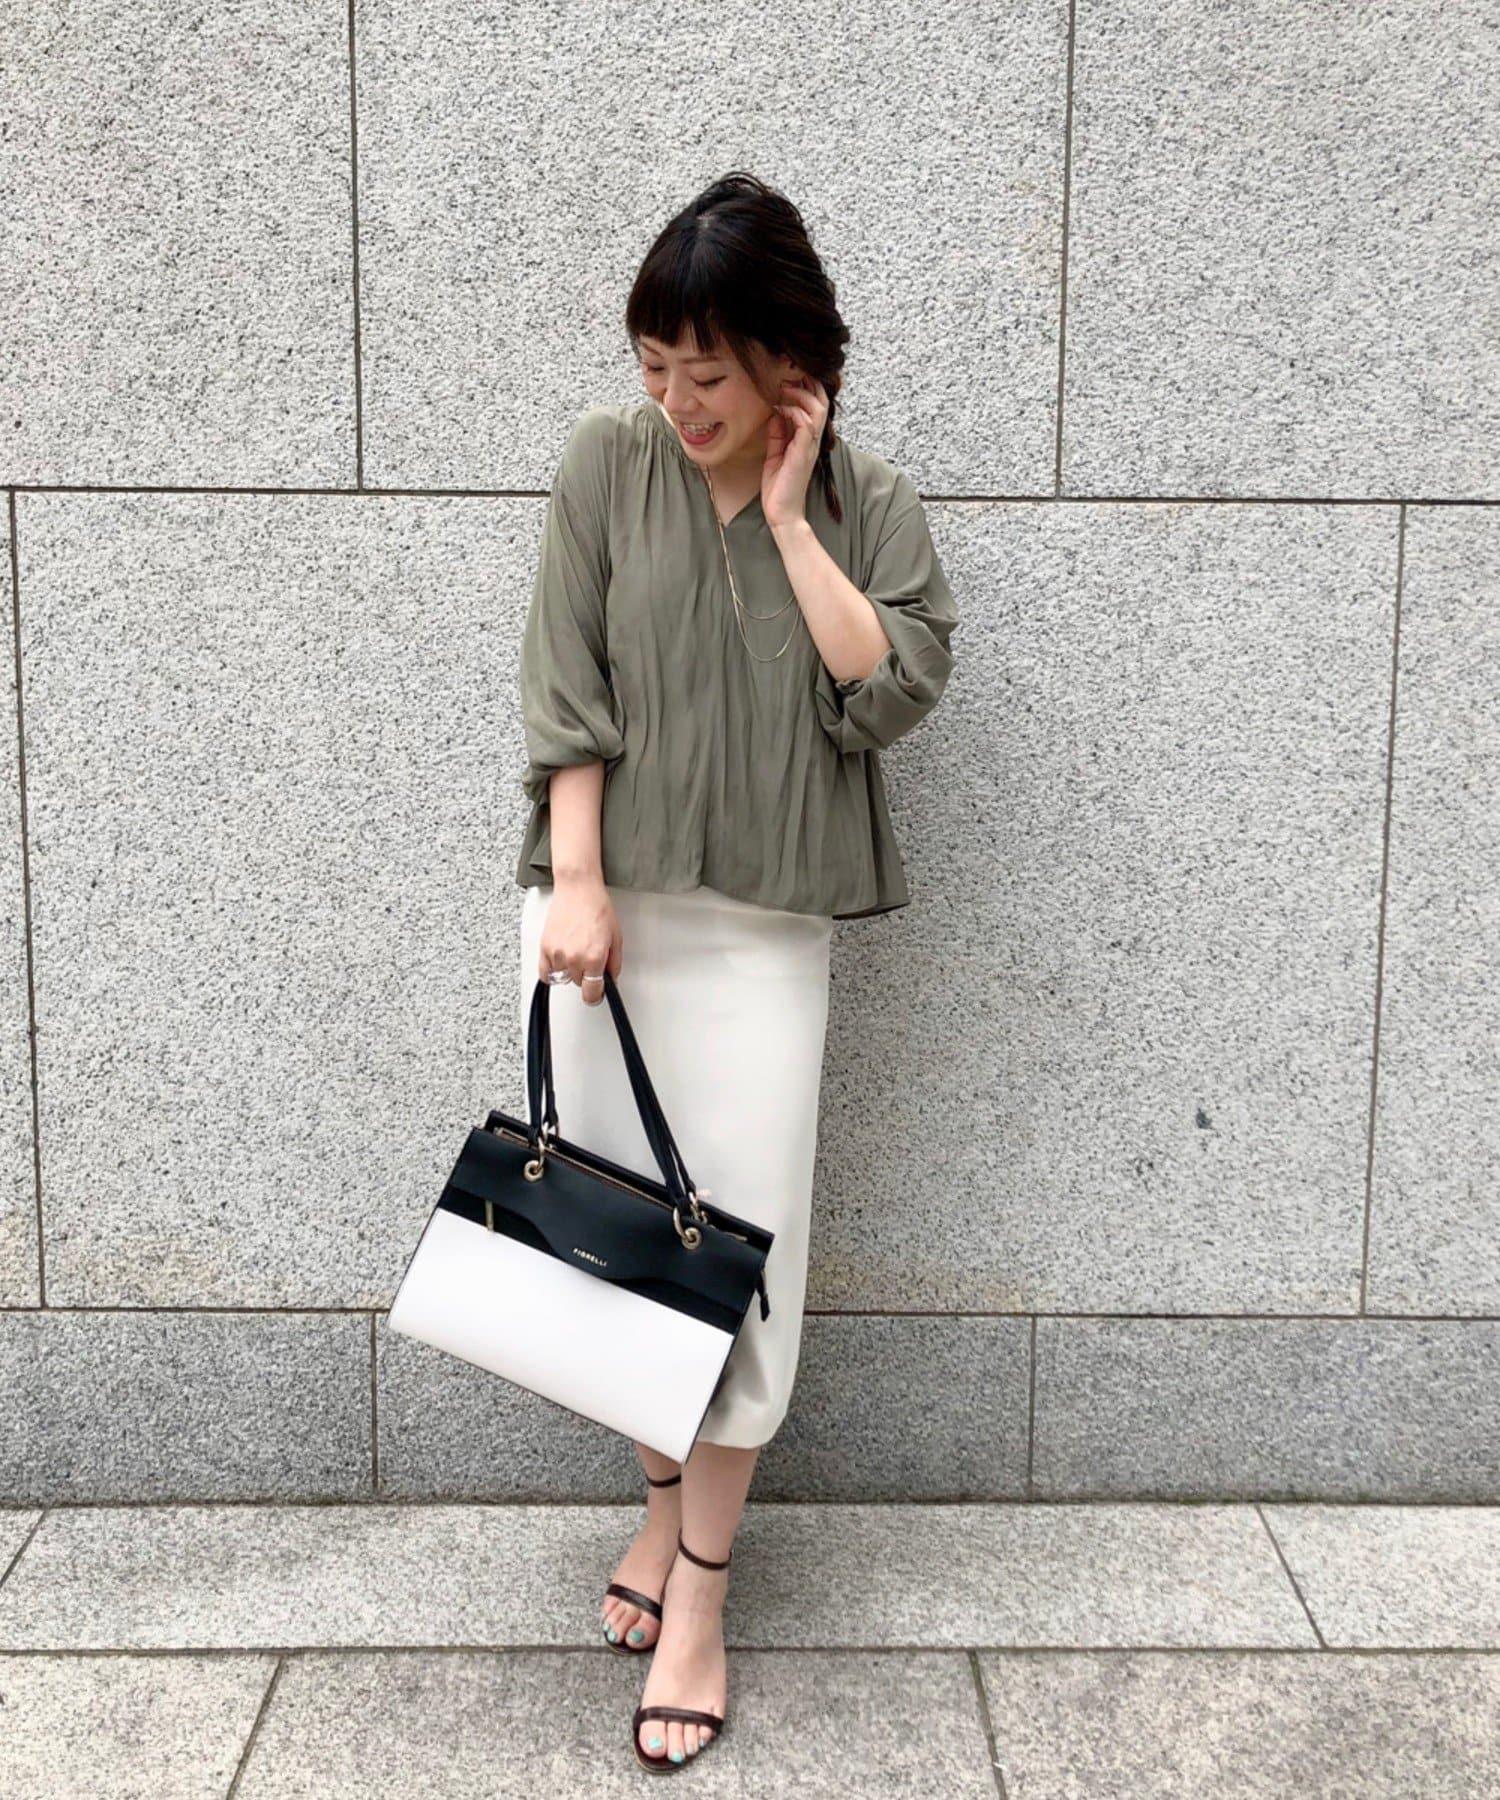 OUTLET premium(アウトレット プレミアム) 【すっきりしたシルエット】麻調ナロースカート